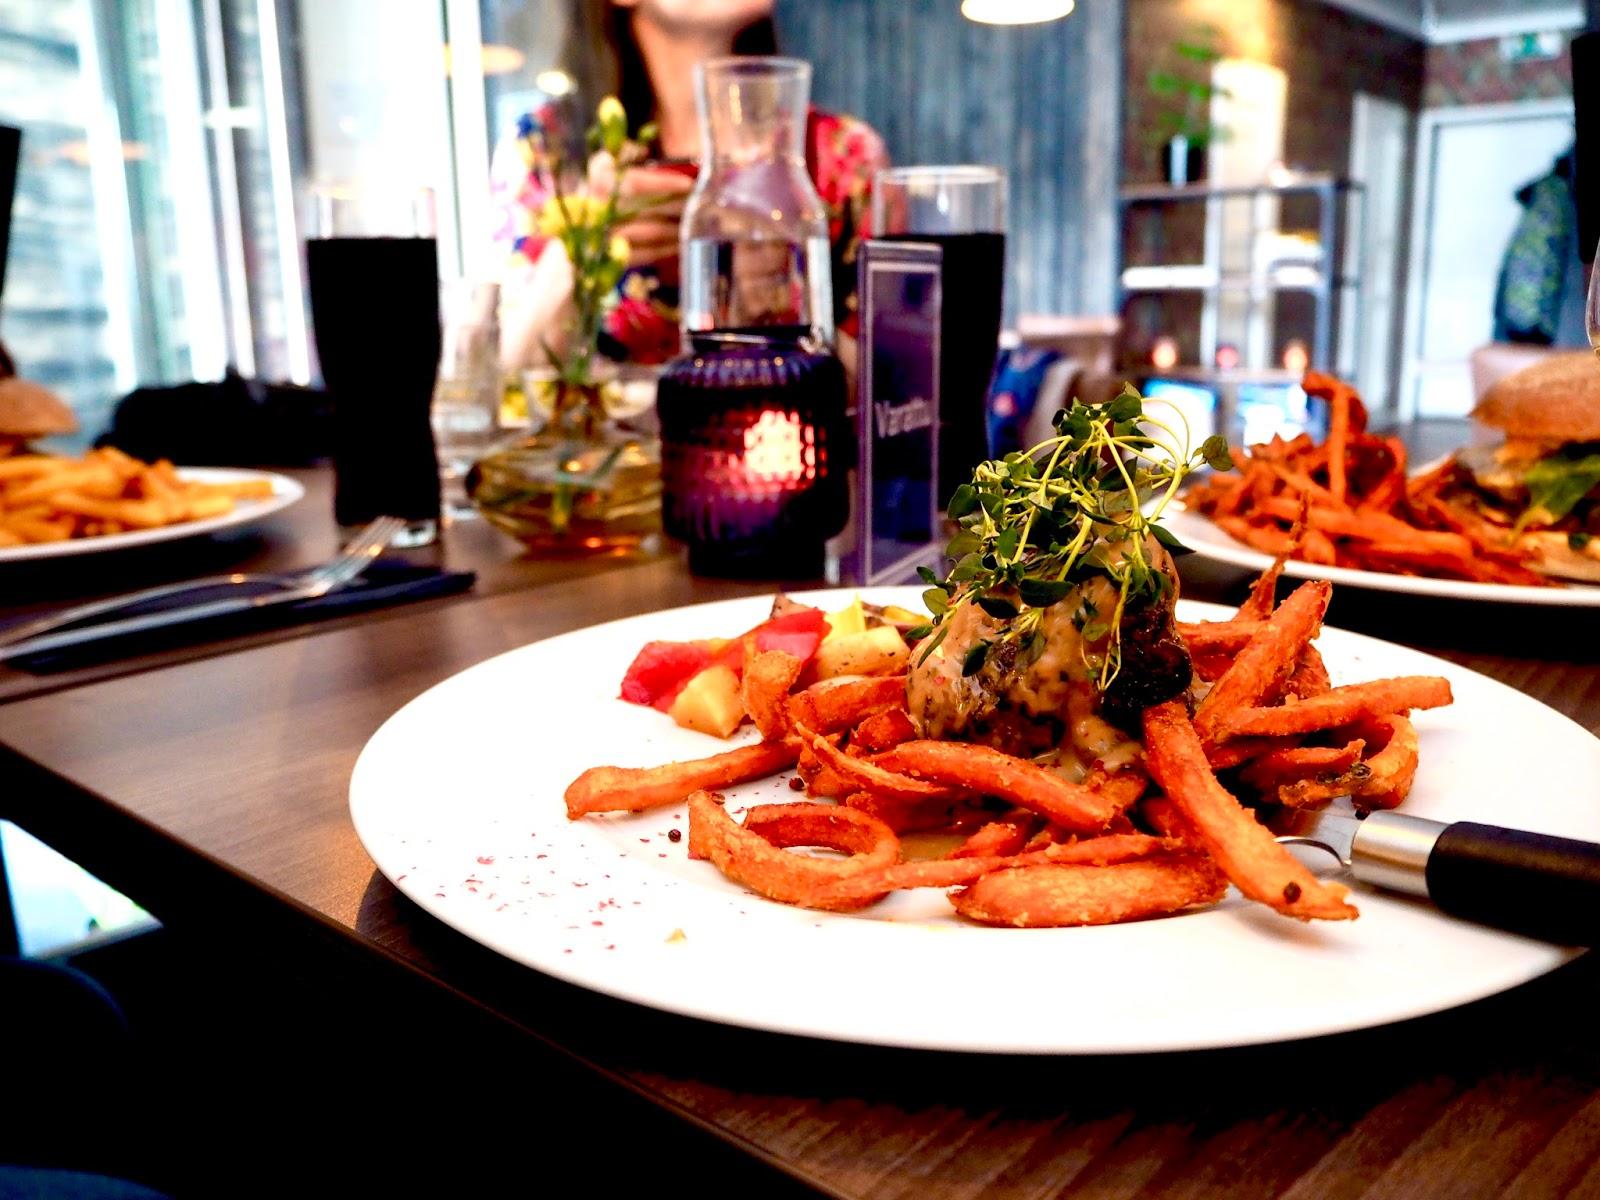 Maukas pihvi ja bataattiranskiksen Bar & Grill Lanko ravintolassa